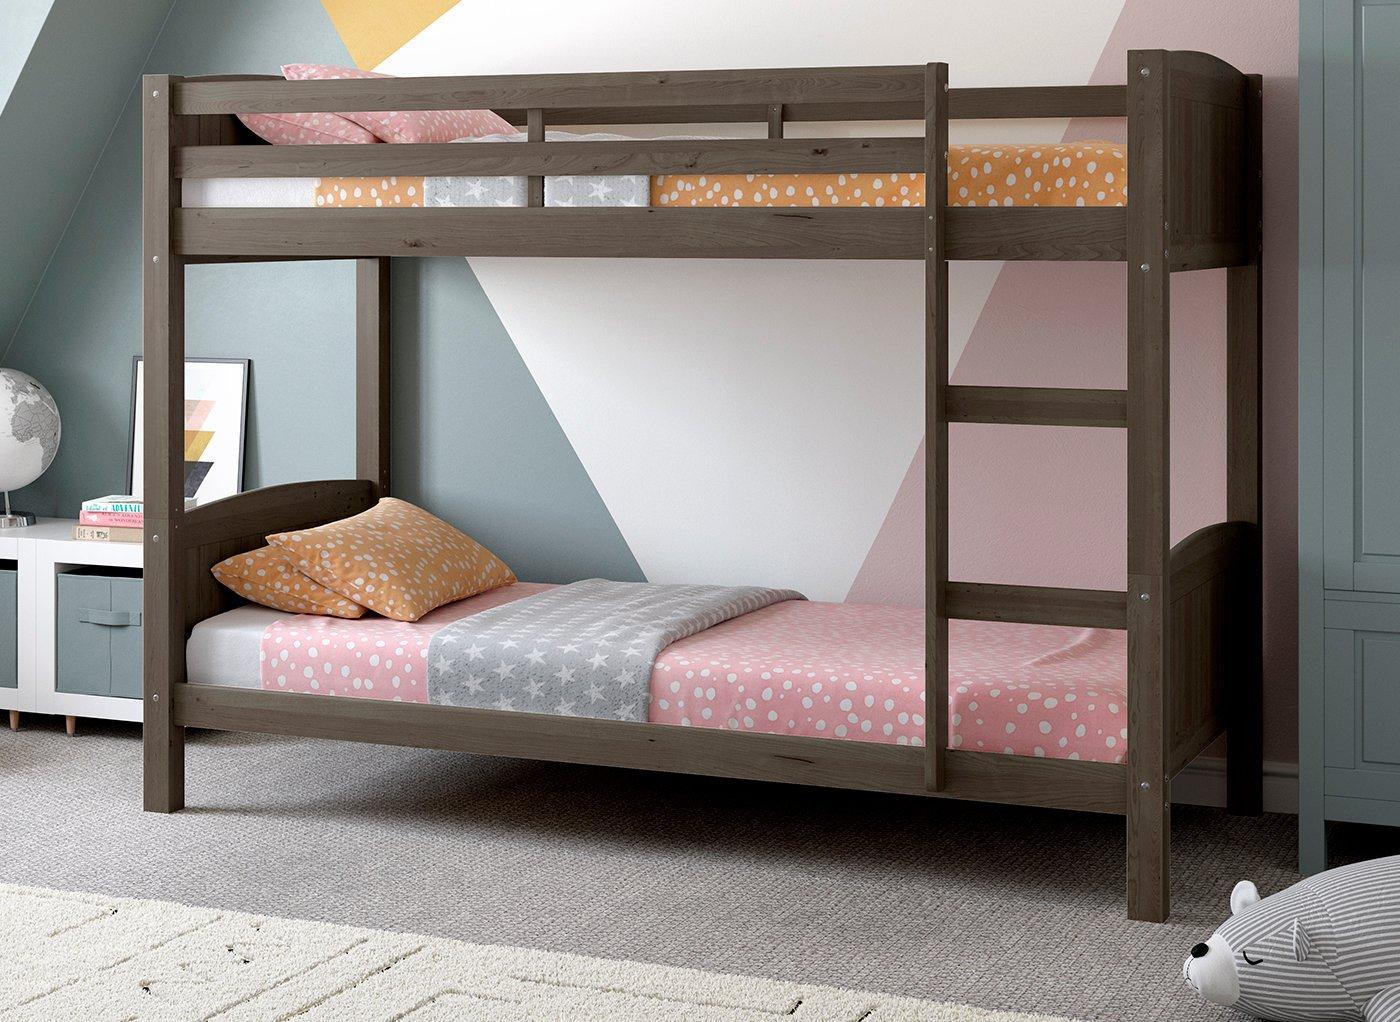 mars-wooden-bunk-bed